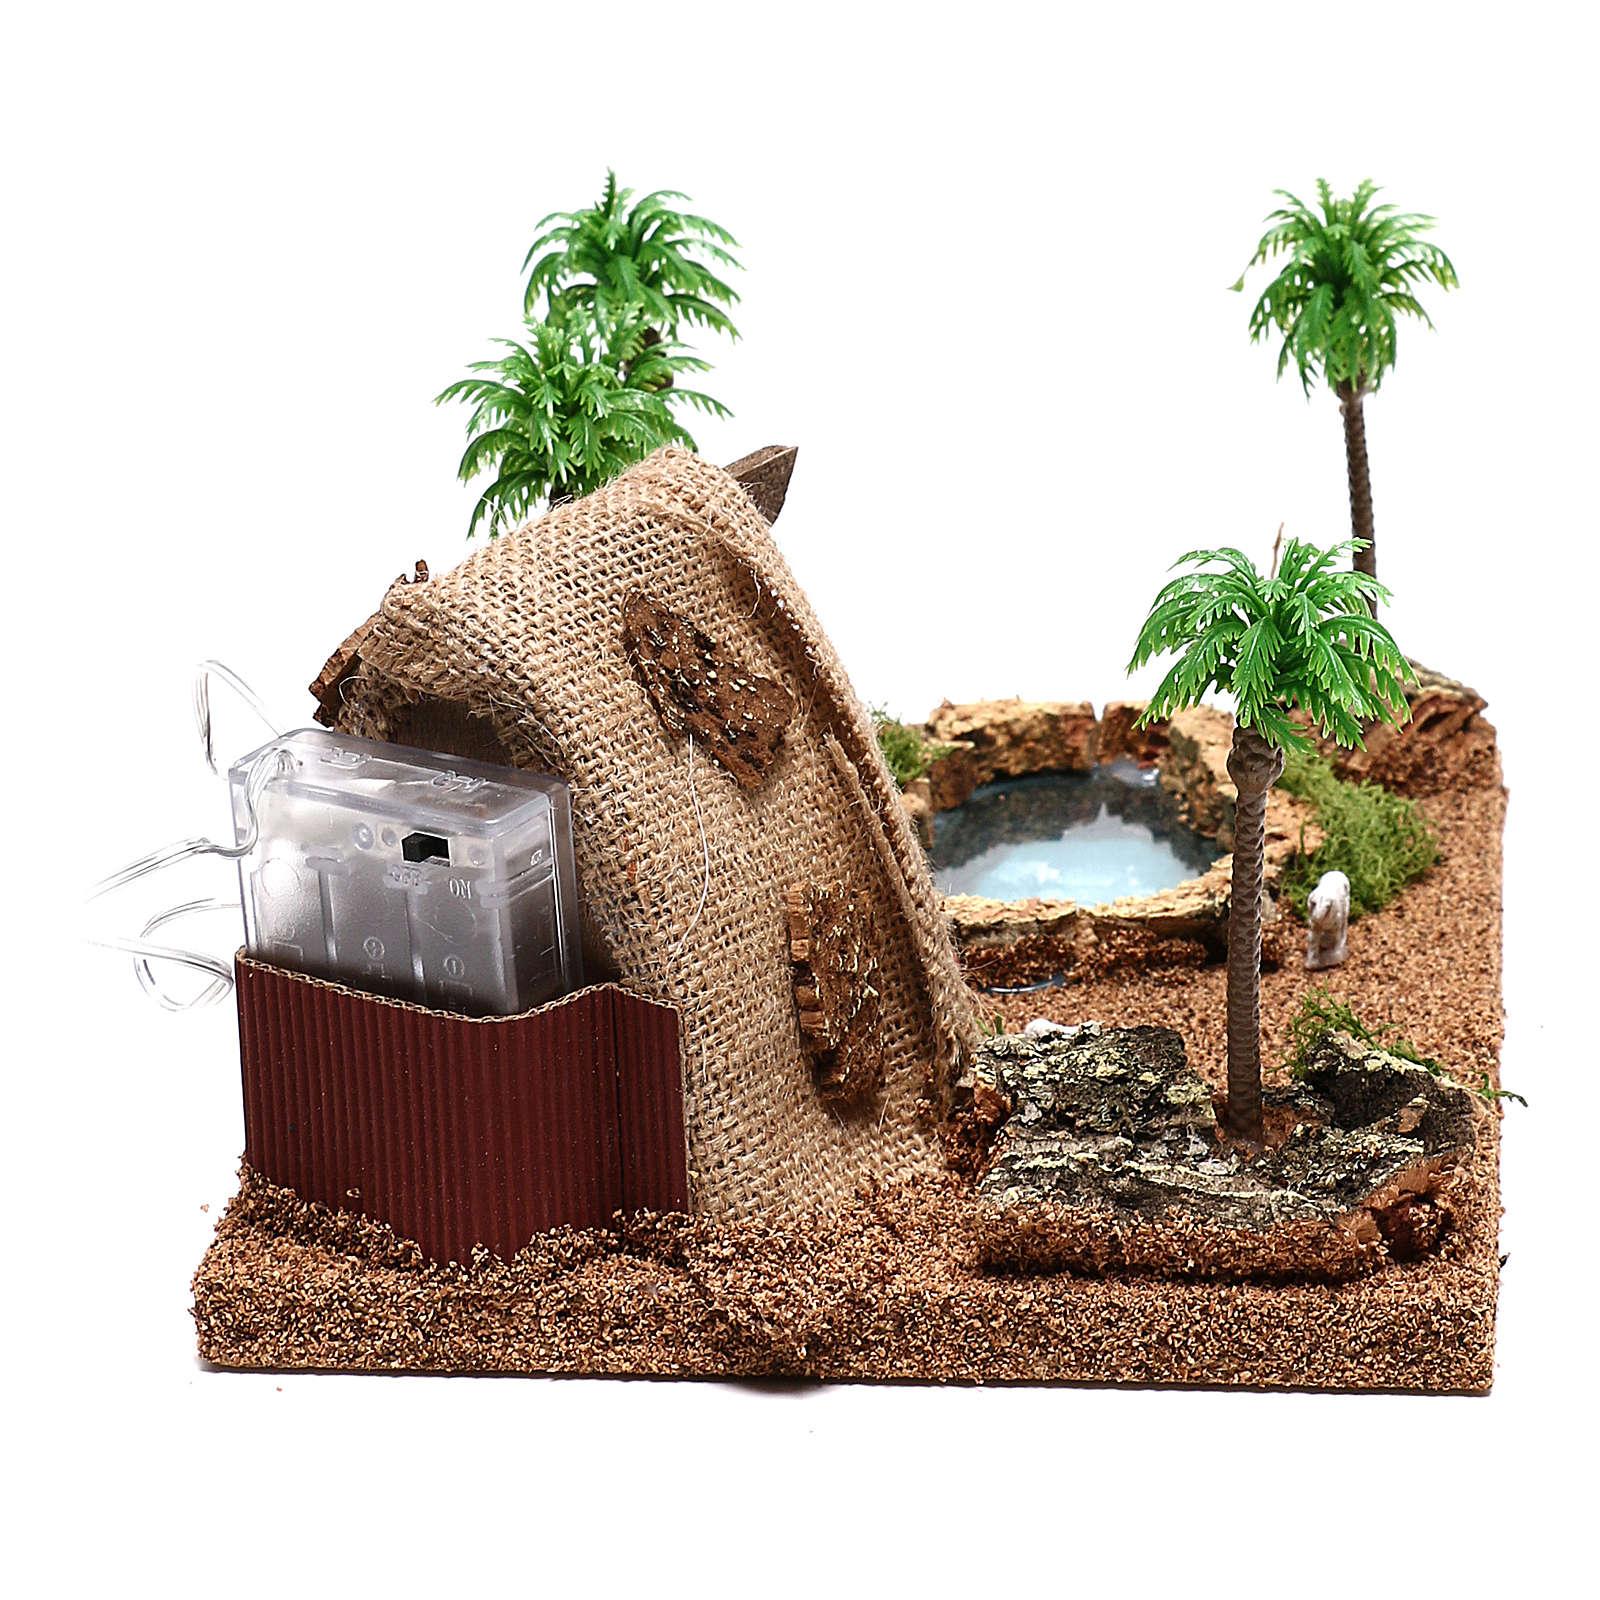 Ambientazione con natività e grotta illuminata 10x25x20 cm presepe 4 cm 4